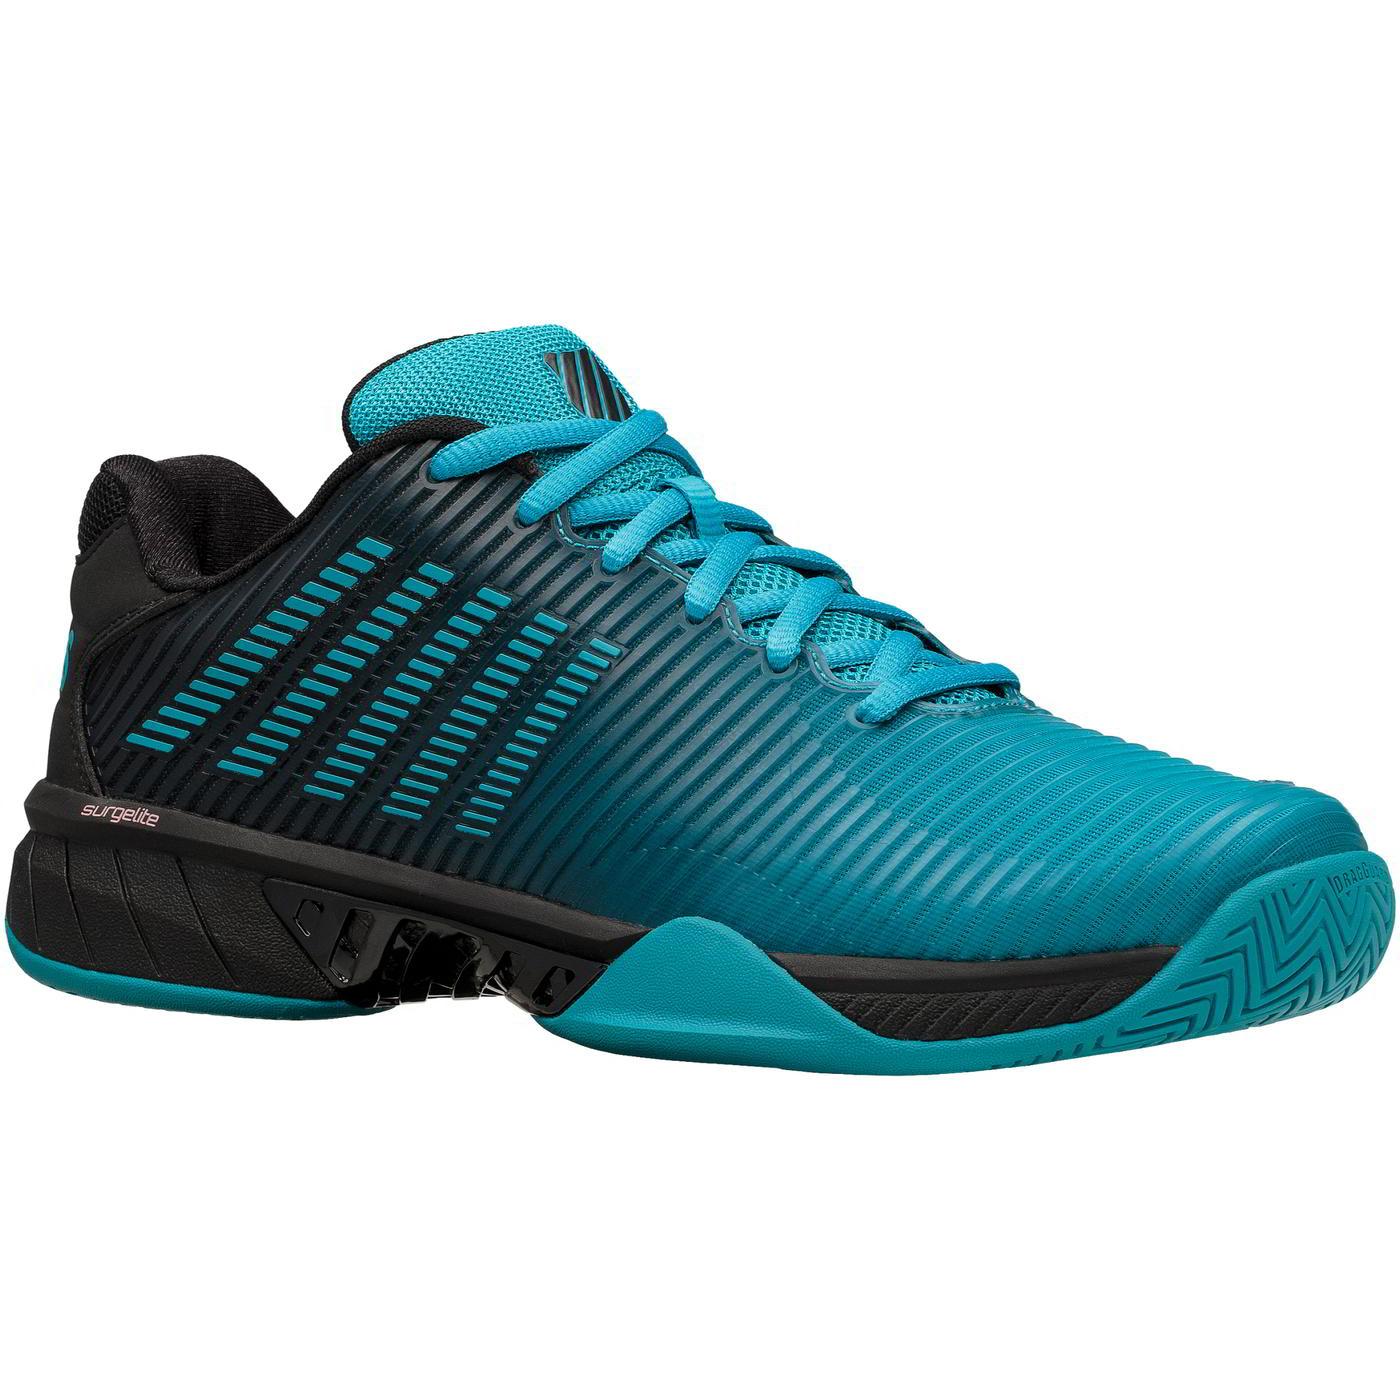 K-Swiss Mens Hypercourt Express 2 Tennis Shoes - Algeirs Blue Black